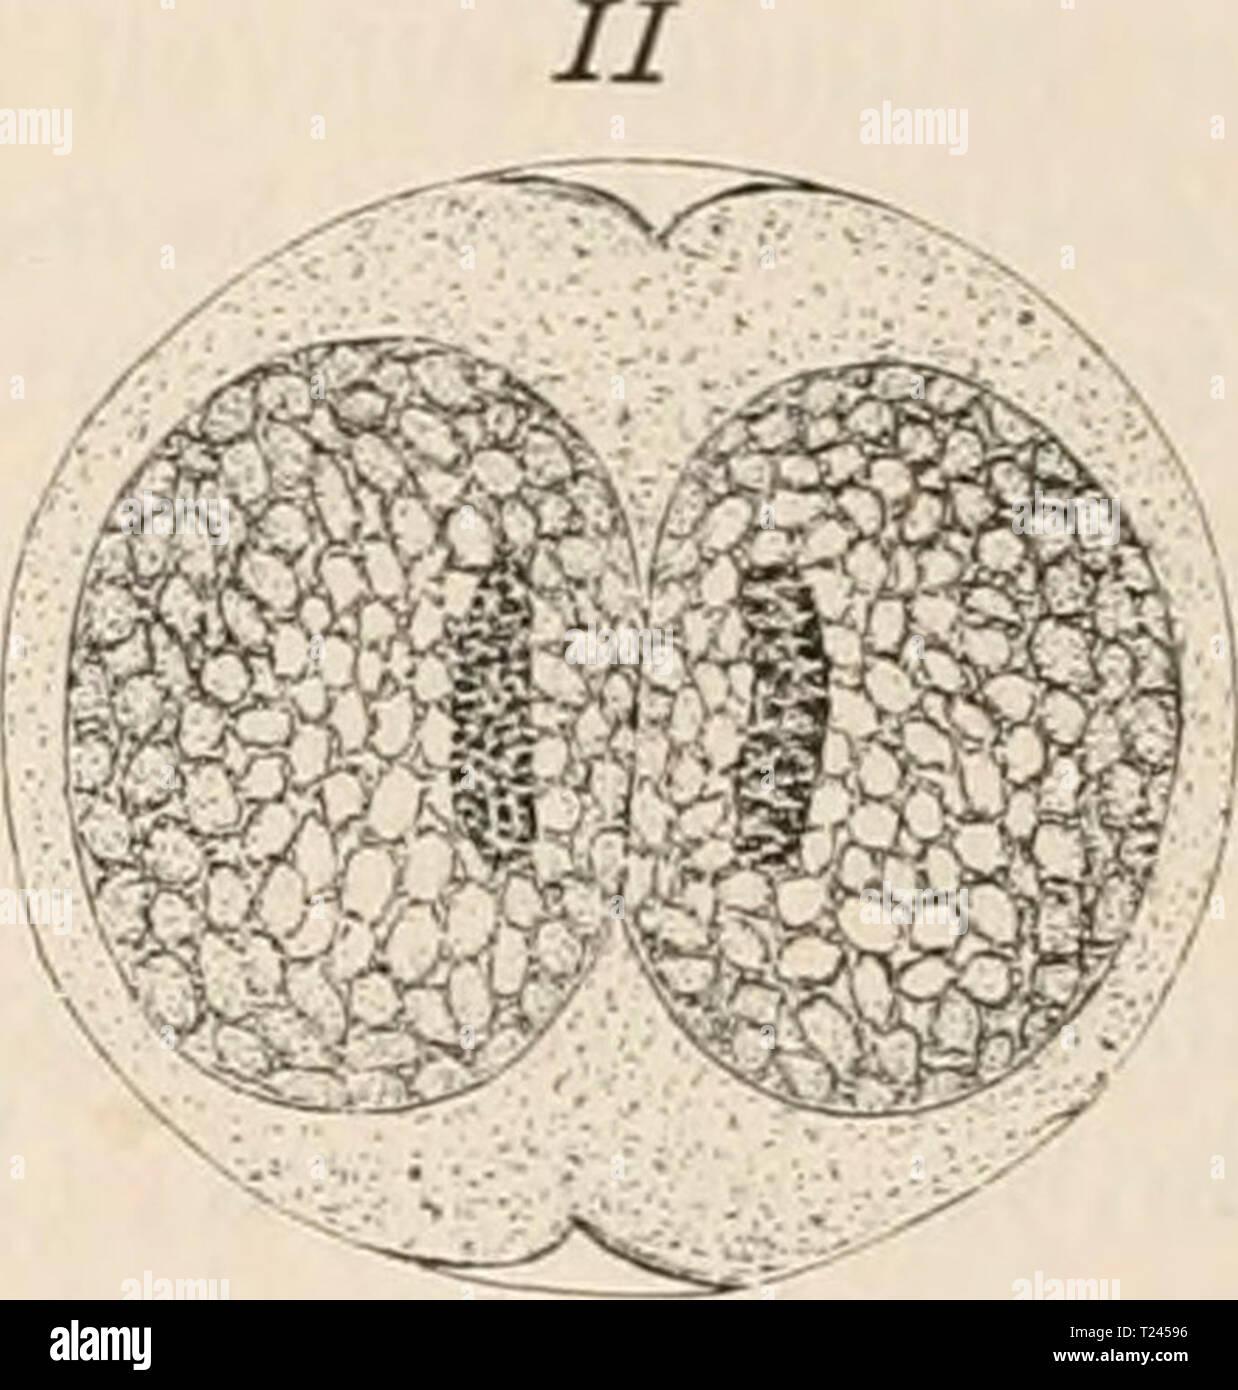 Archive image from page 241 of Die Zelle und die Gewebe Die Zelle und die Gewebe. Grundzüge der Allgemeinen Anatomie und Physiologie  diezelleunddiege02hert Year: 1893-1898 Stock Photo